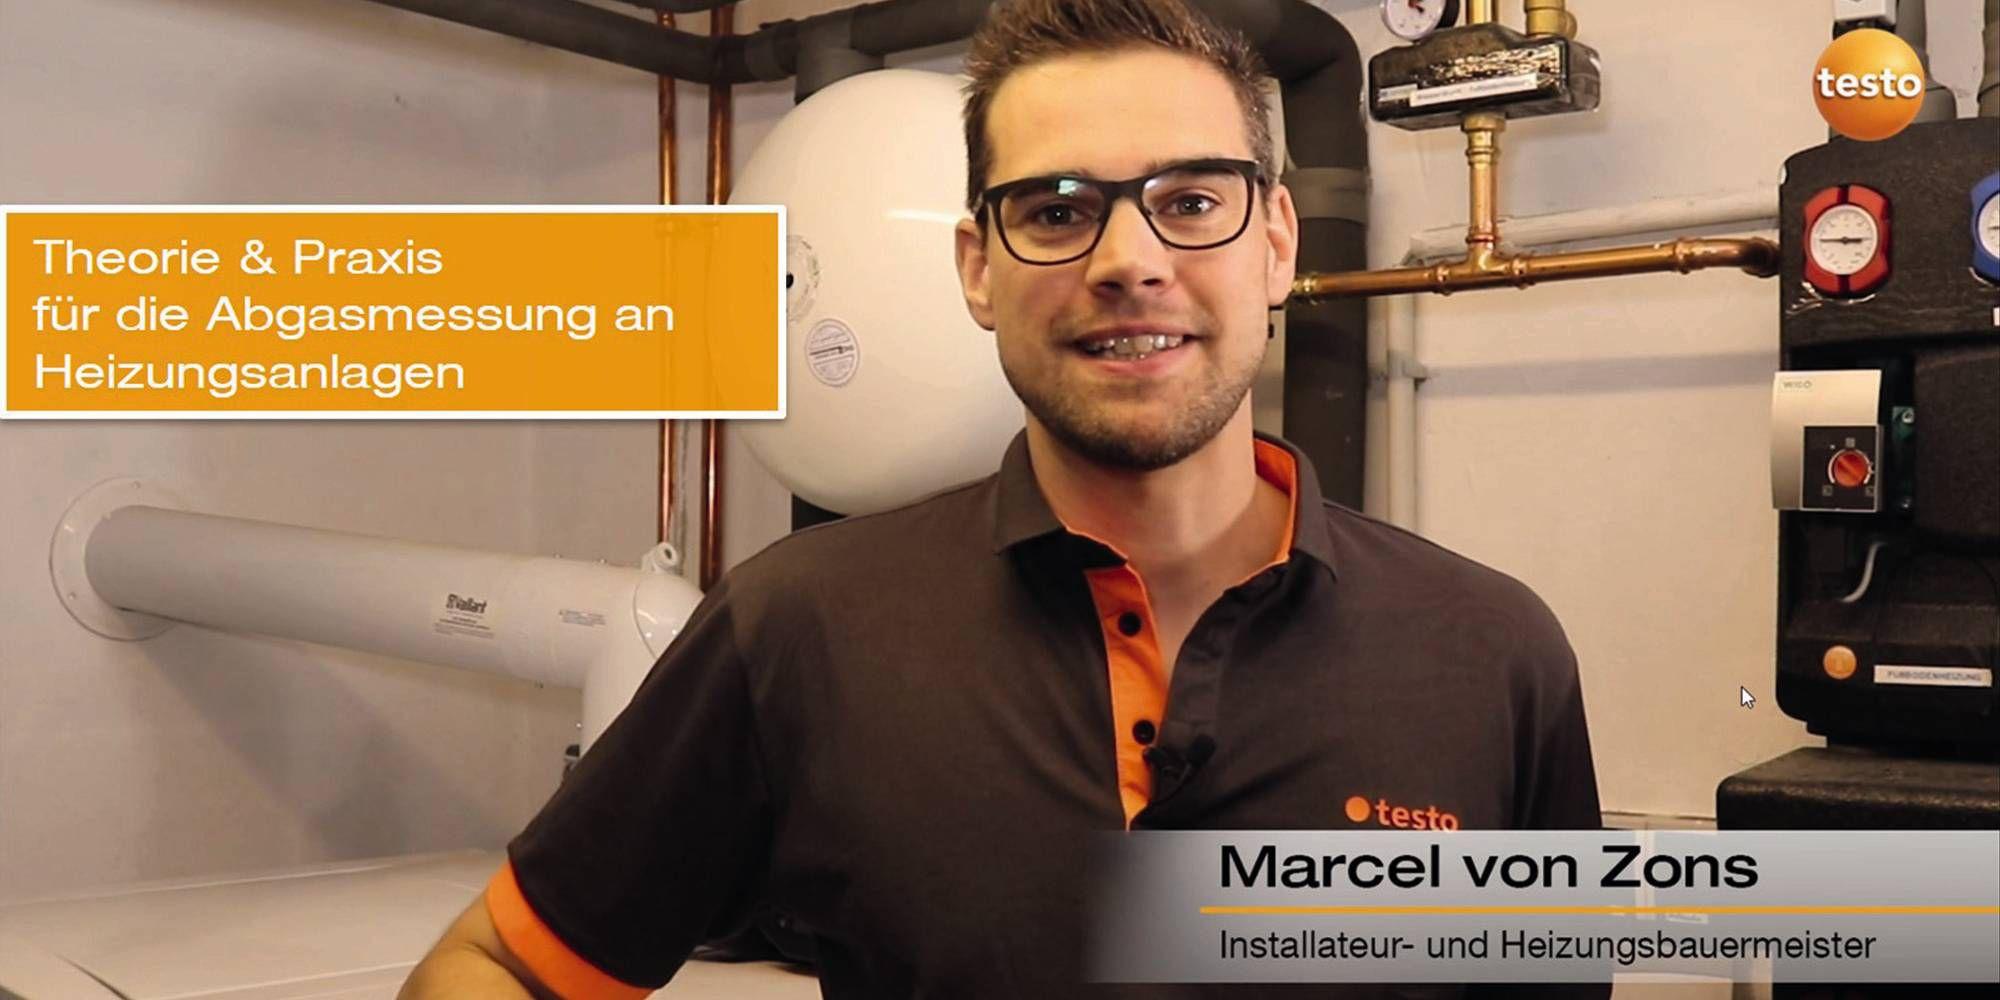 Lernvideos: Theorie & Praxis für die Abgasmessung an Heizungsanlagen